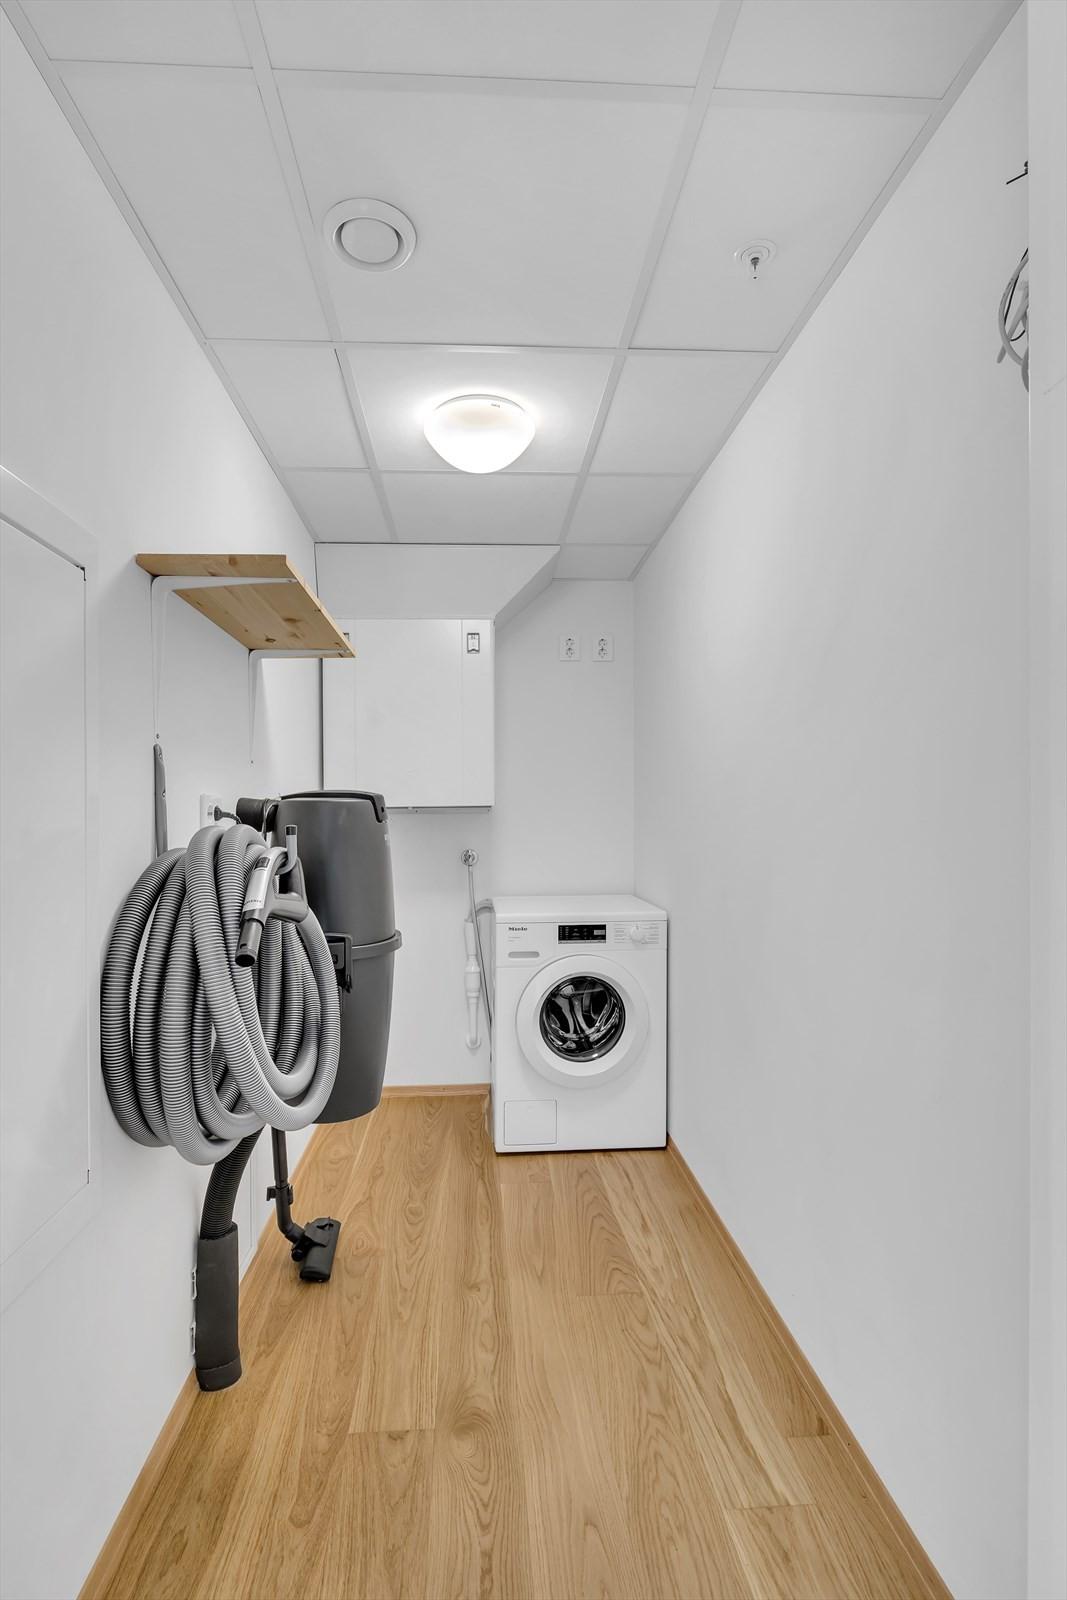 Boden er utstyrt med uttak for vaskemaskin og sentralstøvsuger ¨